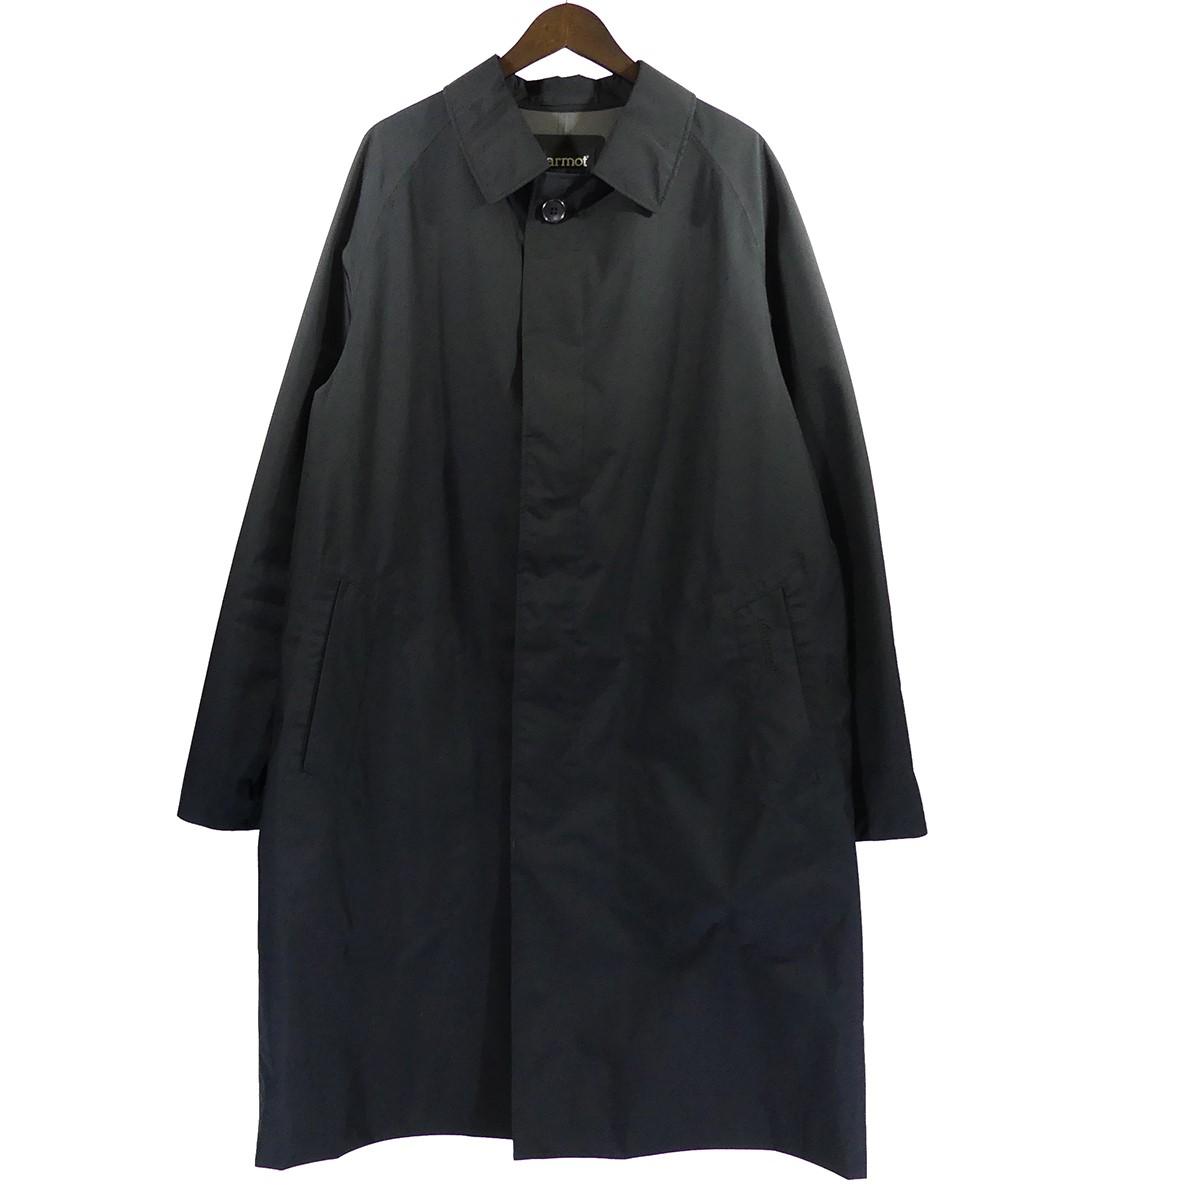 【中古】MarmotSHIPS別注 GORE-TEXステンカラーコート ブラック サイズ:L 【5月11日見直し】